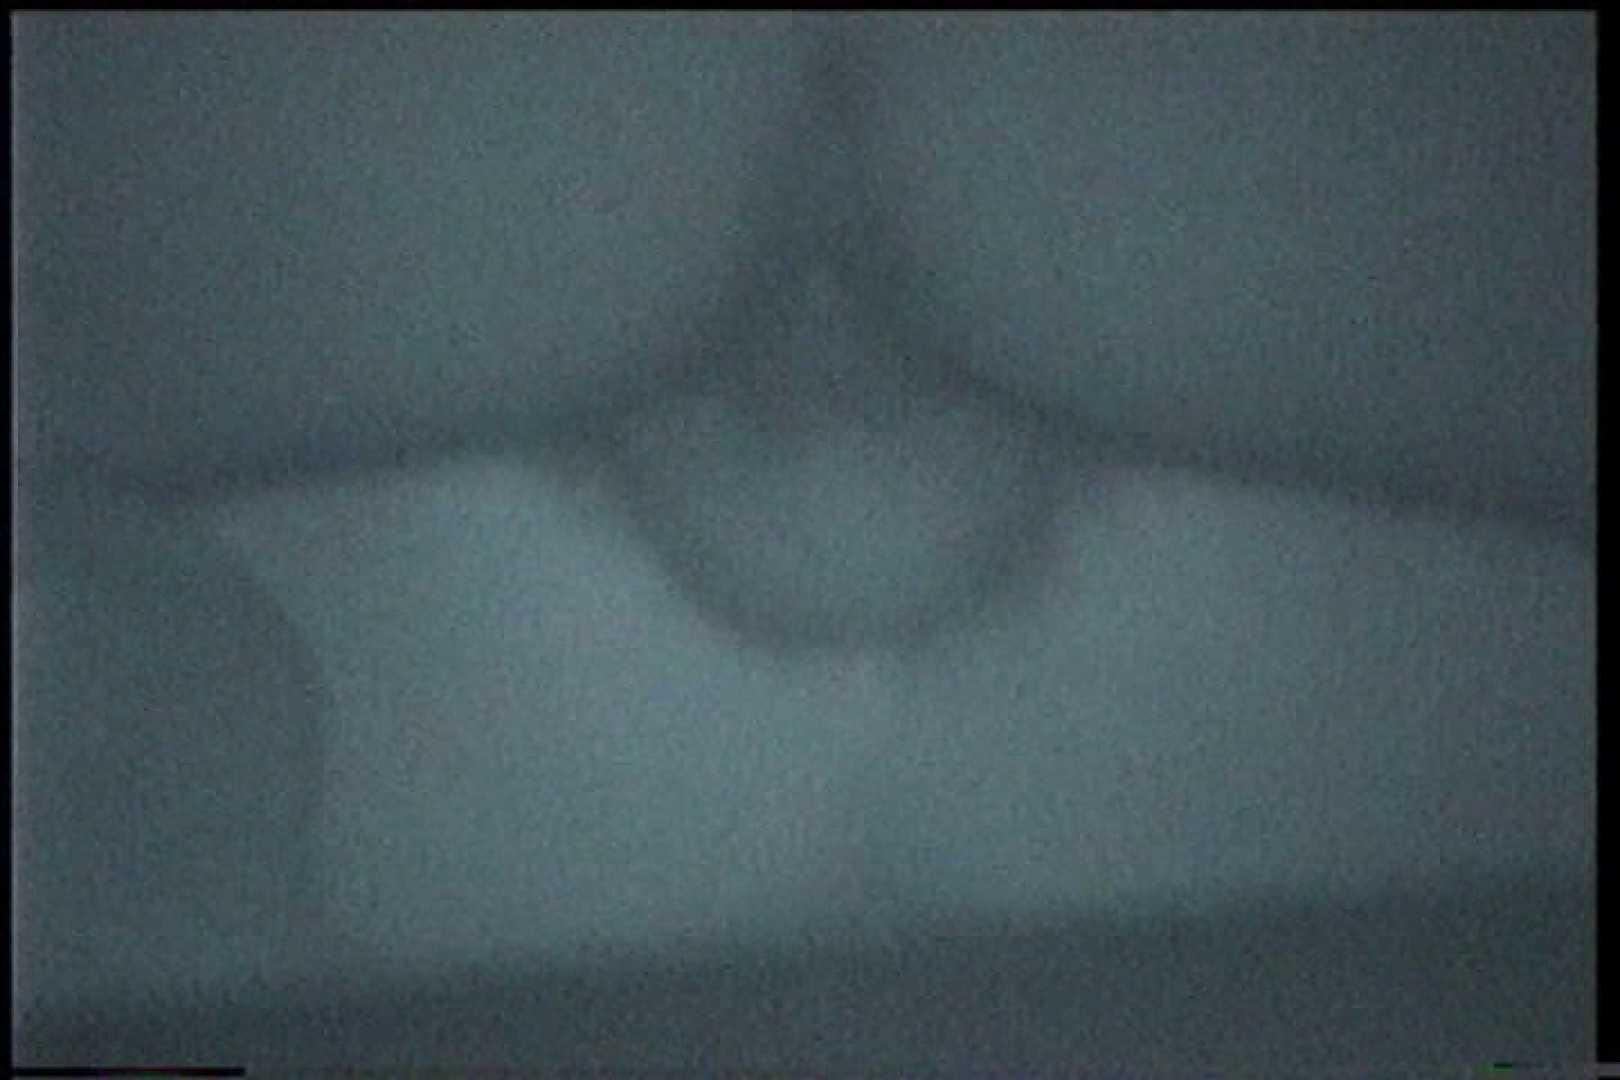 充血監督の深夜の運動会Vol.179 独身エッチOL | 手マンでオナニー  86pic 25